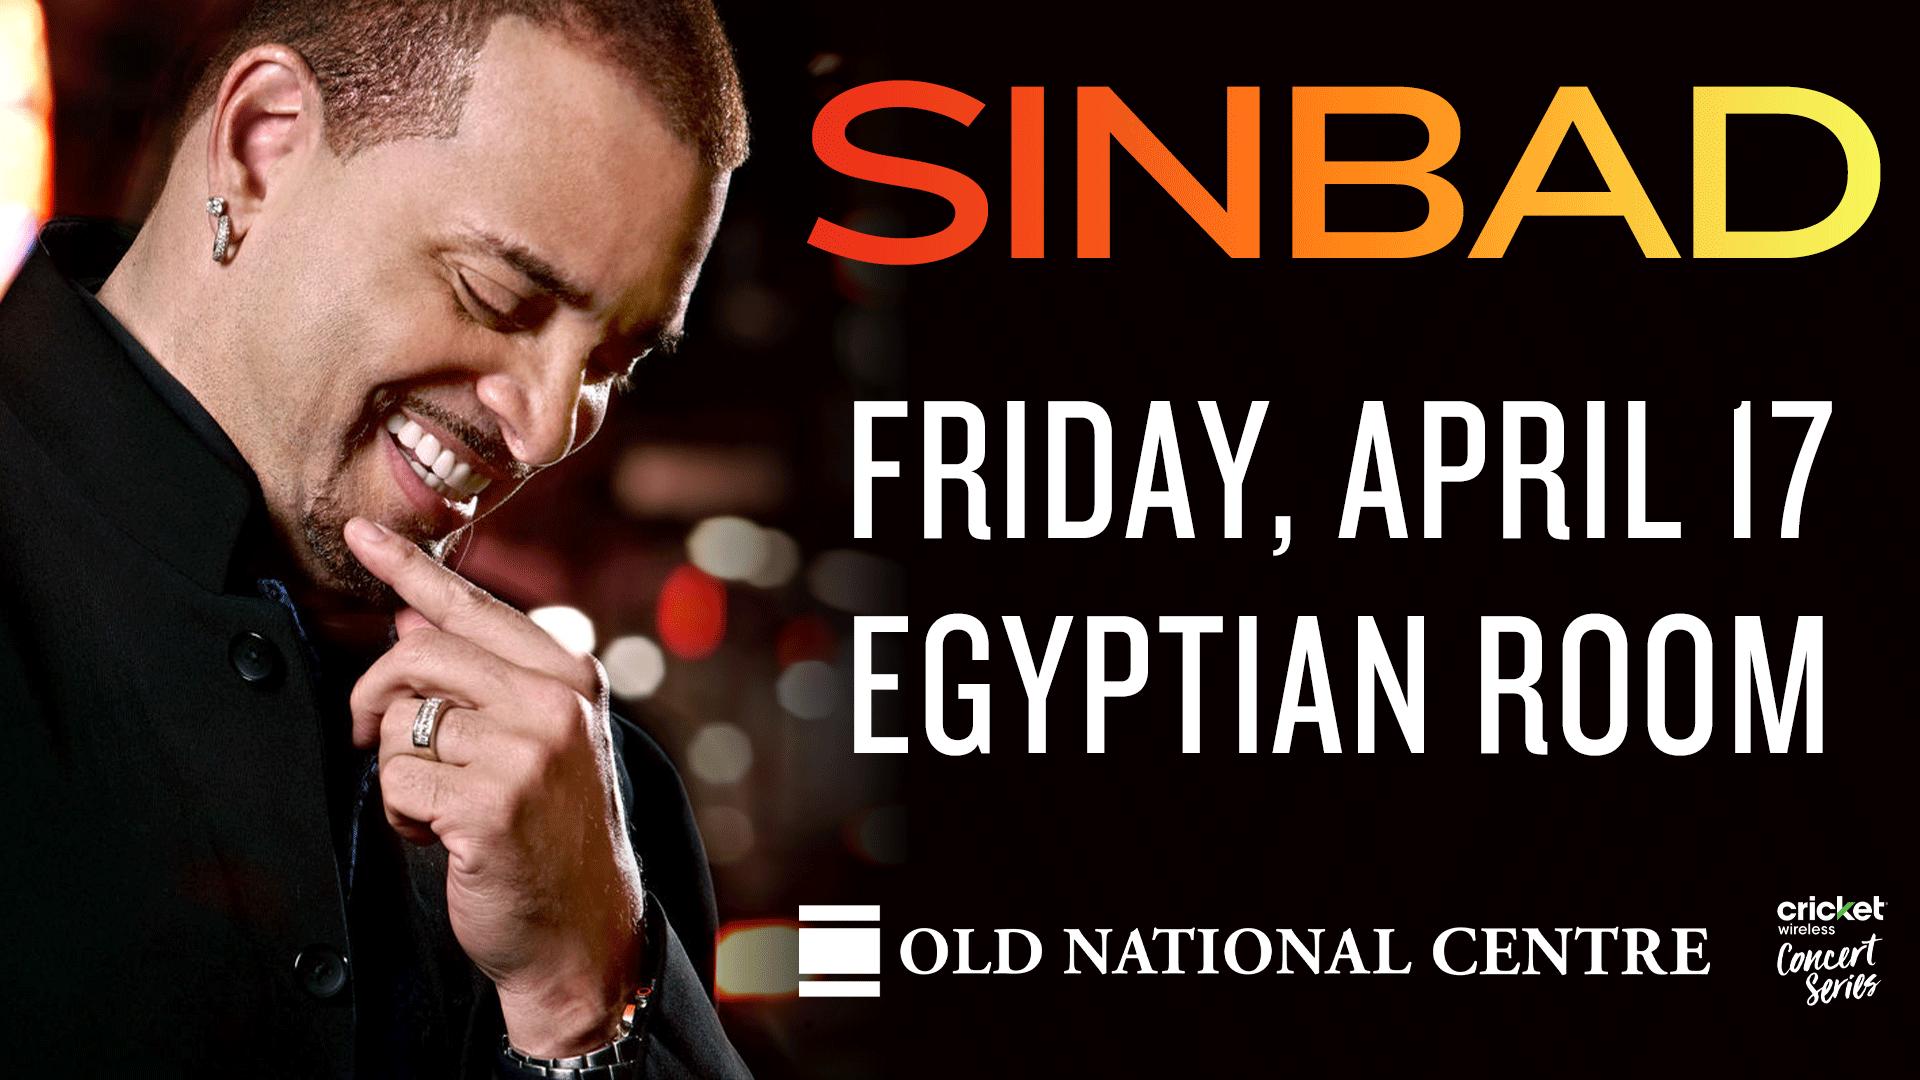 April 17 – Sinbad